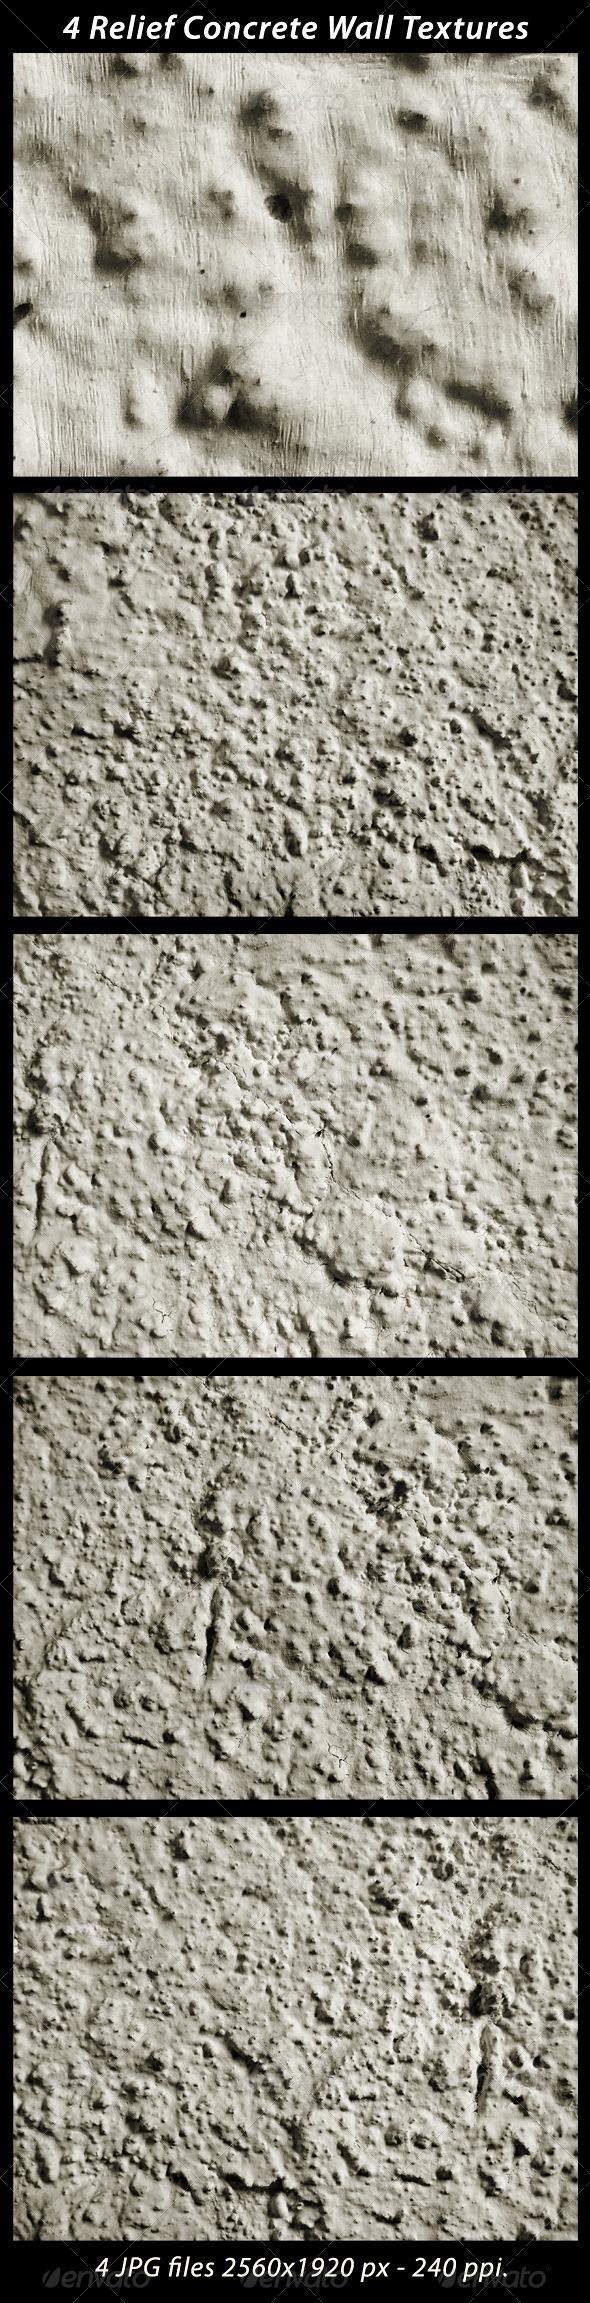 4 Relief Concrete Wall Textures - Concrete Textures